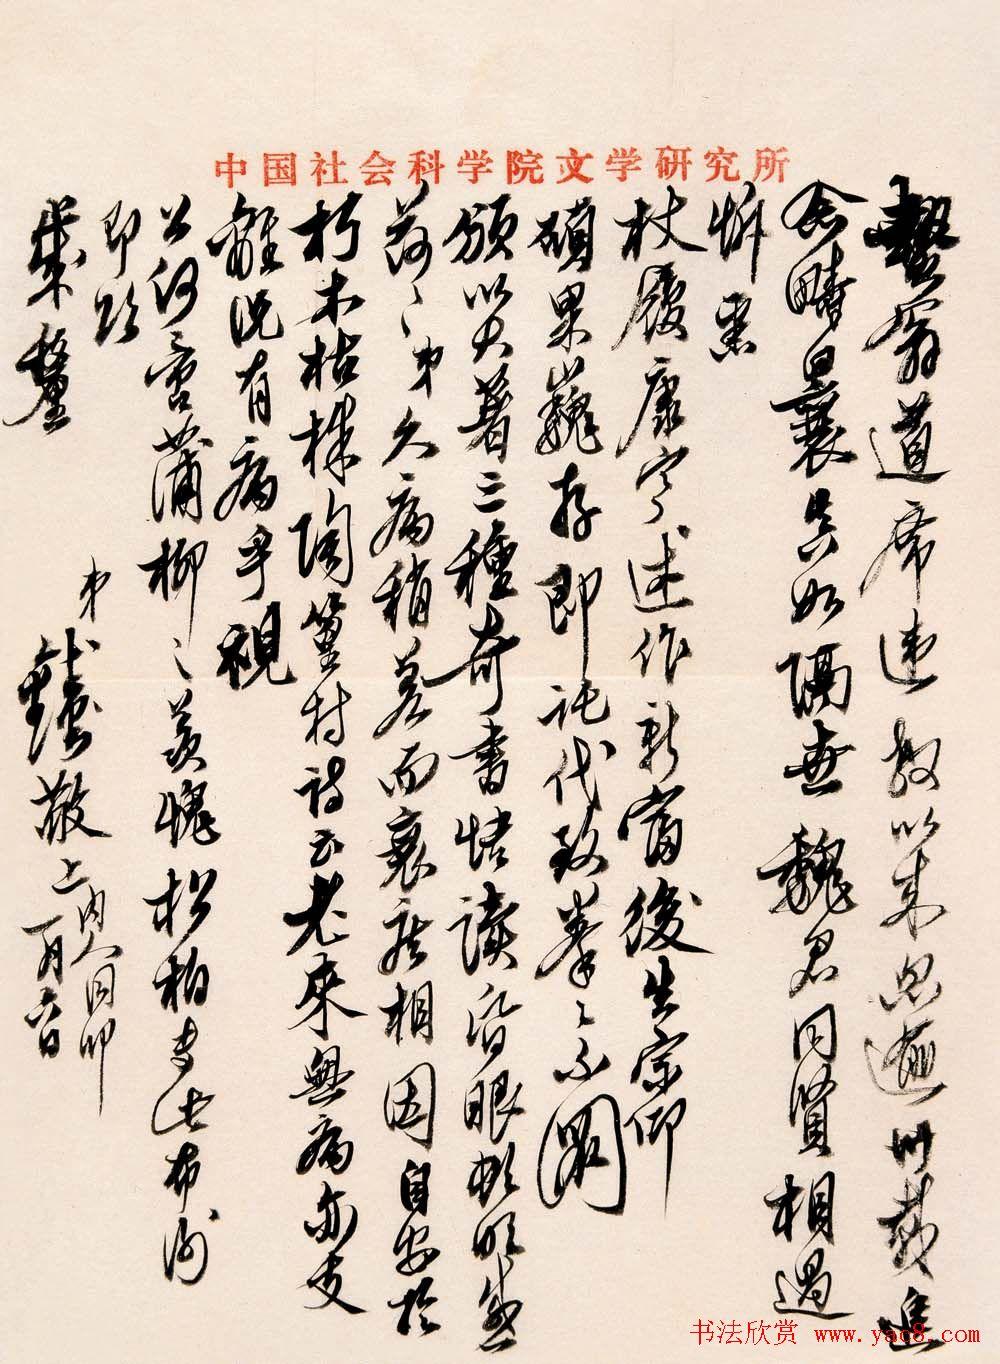 钱钟书毛笔信札手迹